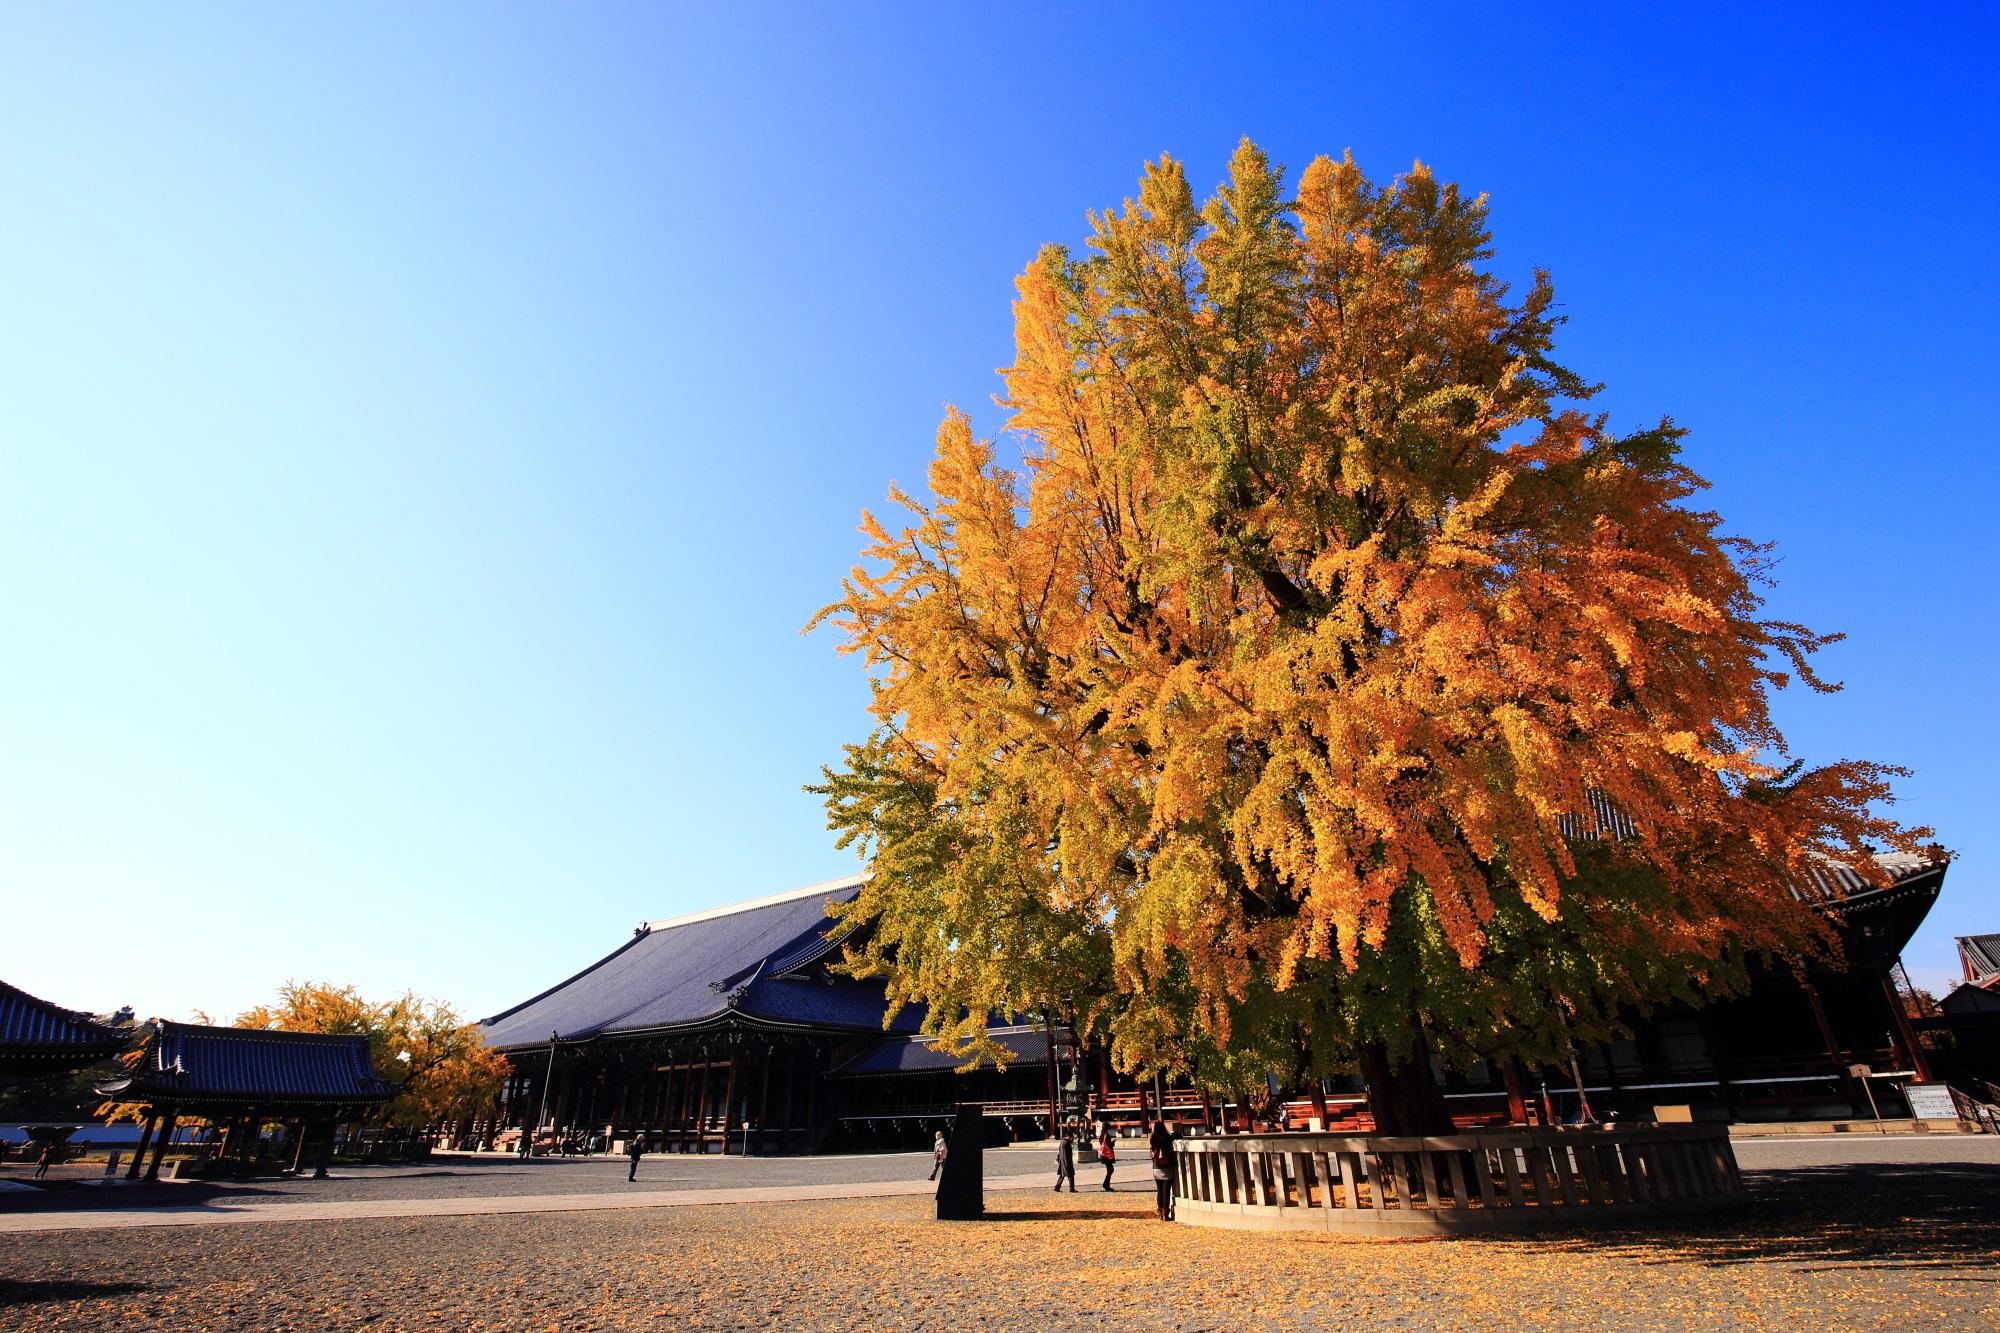 銀杏の名所の西本願寺の阿弥陀堂前の見事な鮮やかな大イチョウの黄葉